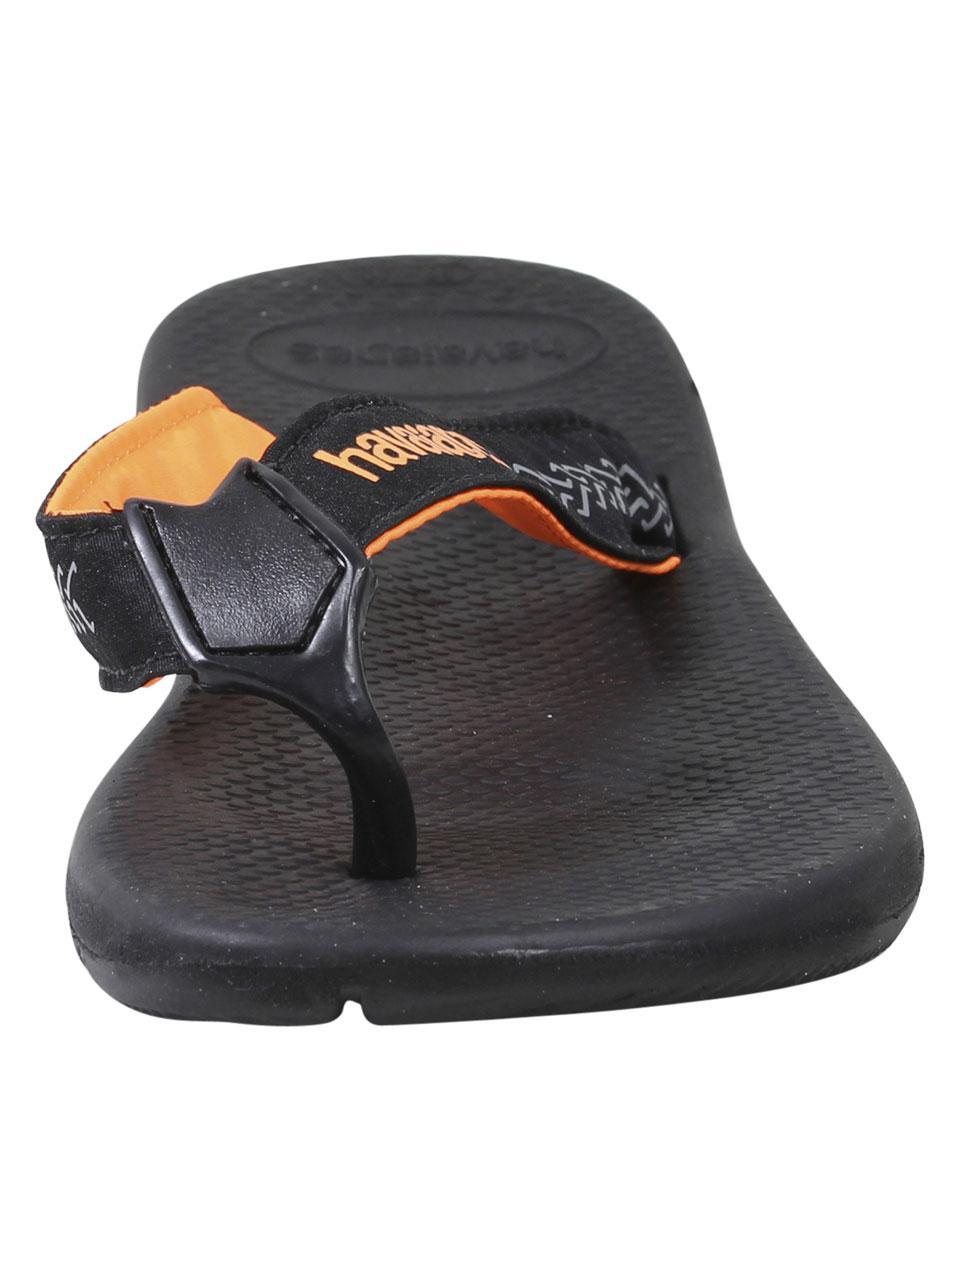 Havaianas-Men-039-s-Surf-Pro-Flip-Flops-Sandals-Shoes miniature 9